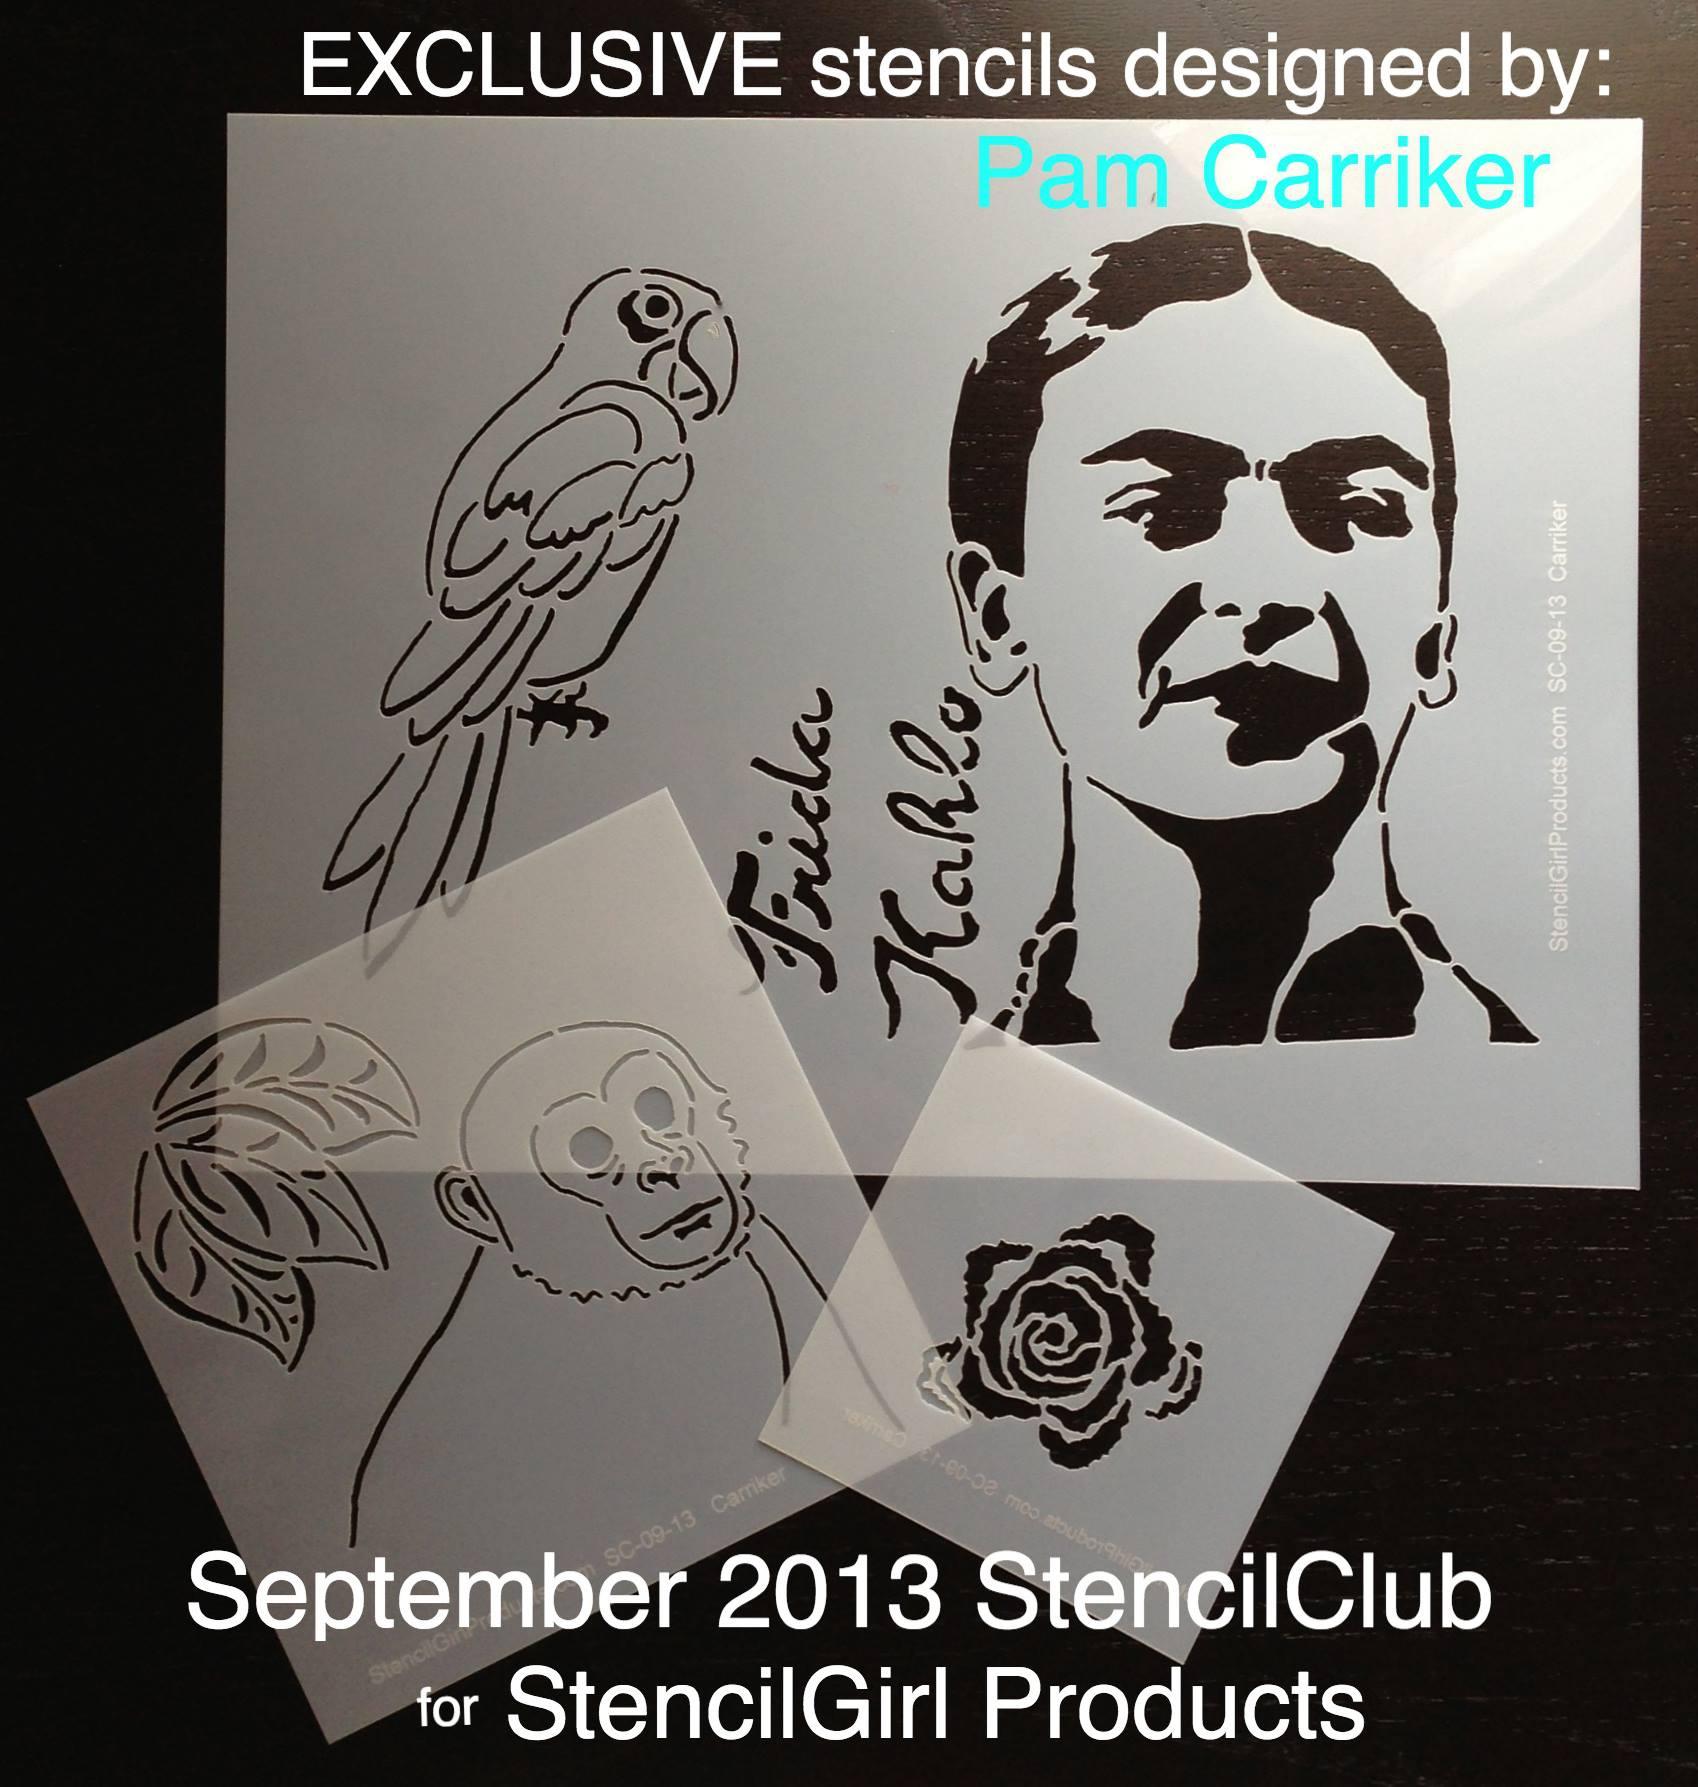 Stencil Club September 2013